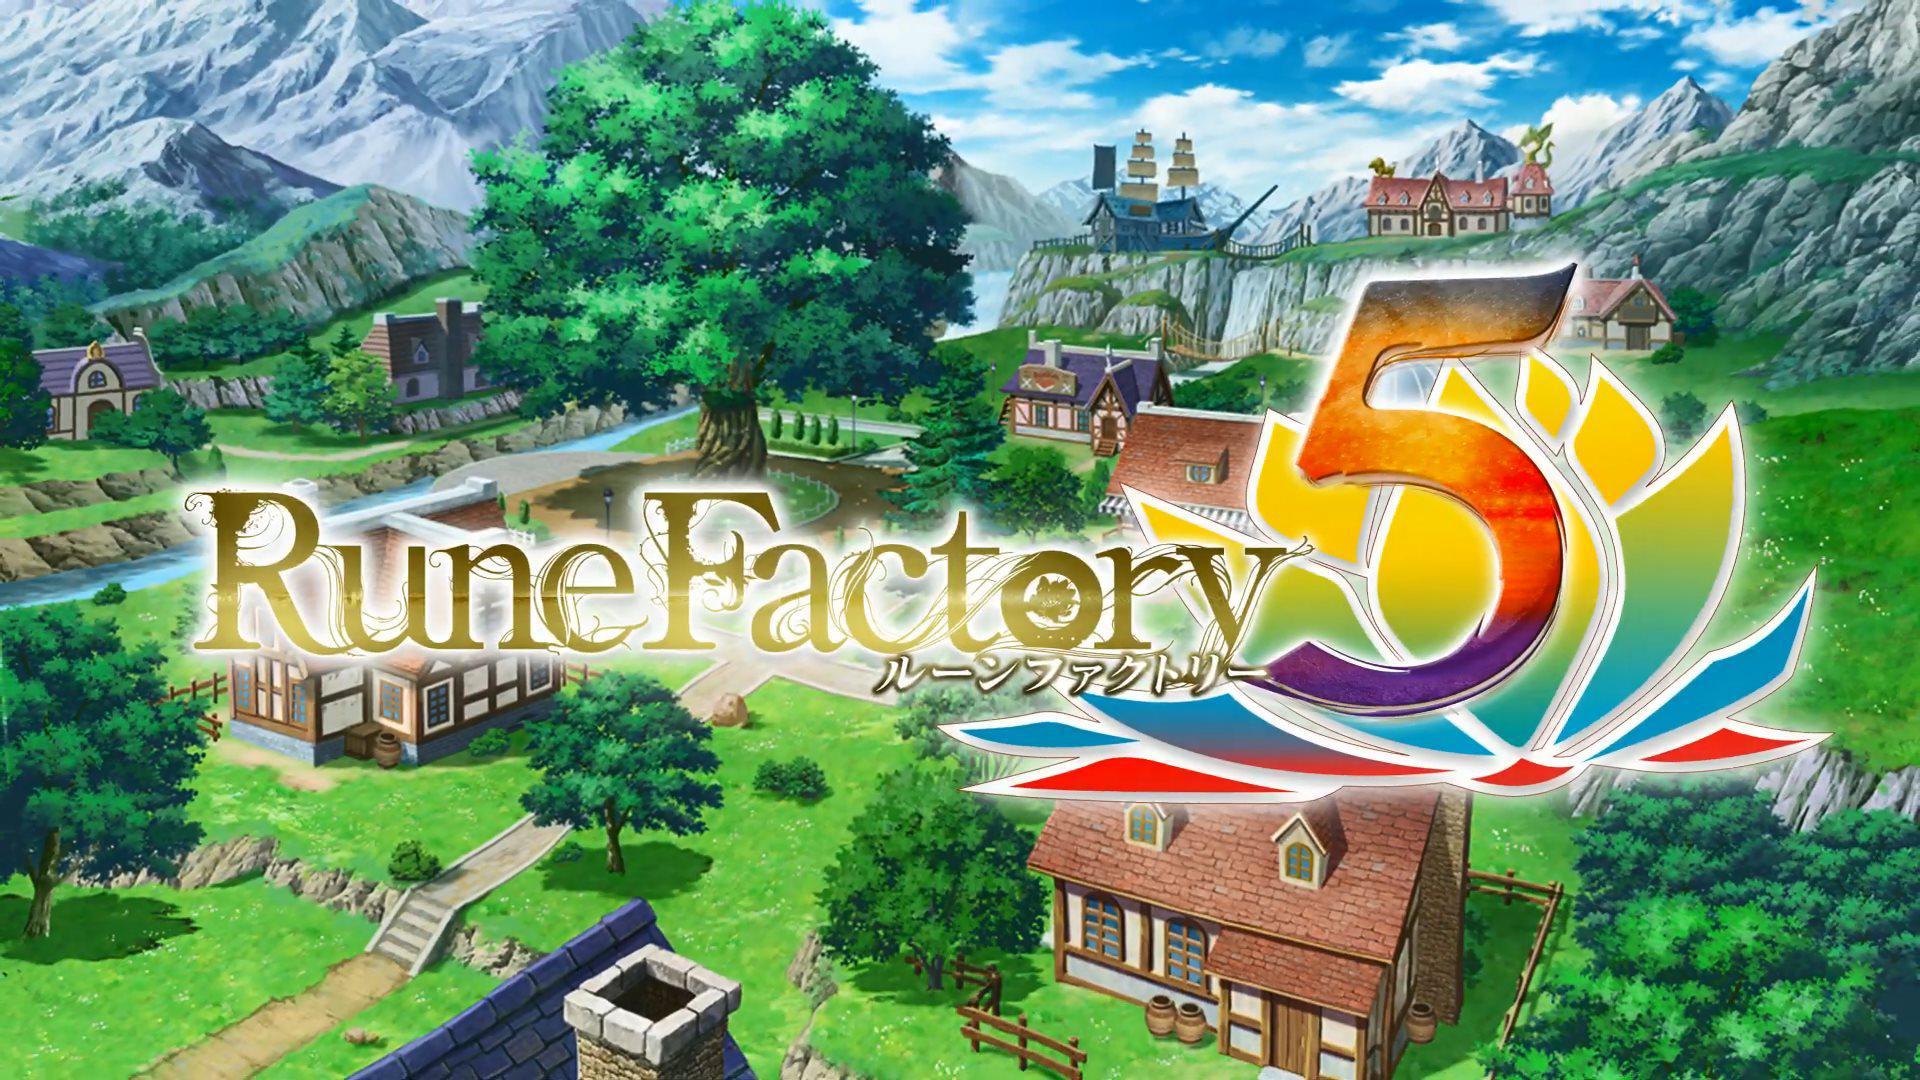 《符文工廠5》官方將於5月15日舉辦售前直播活動